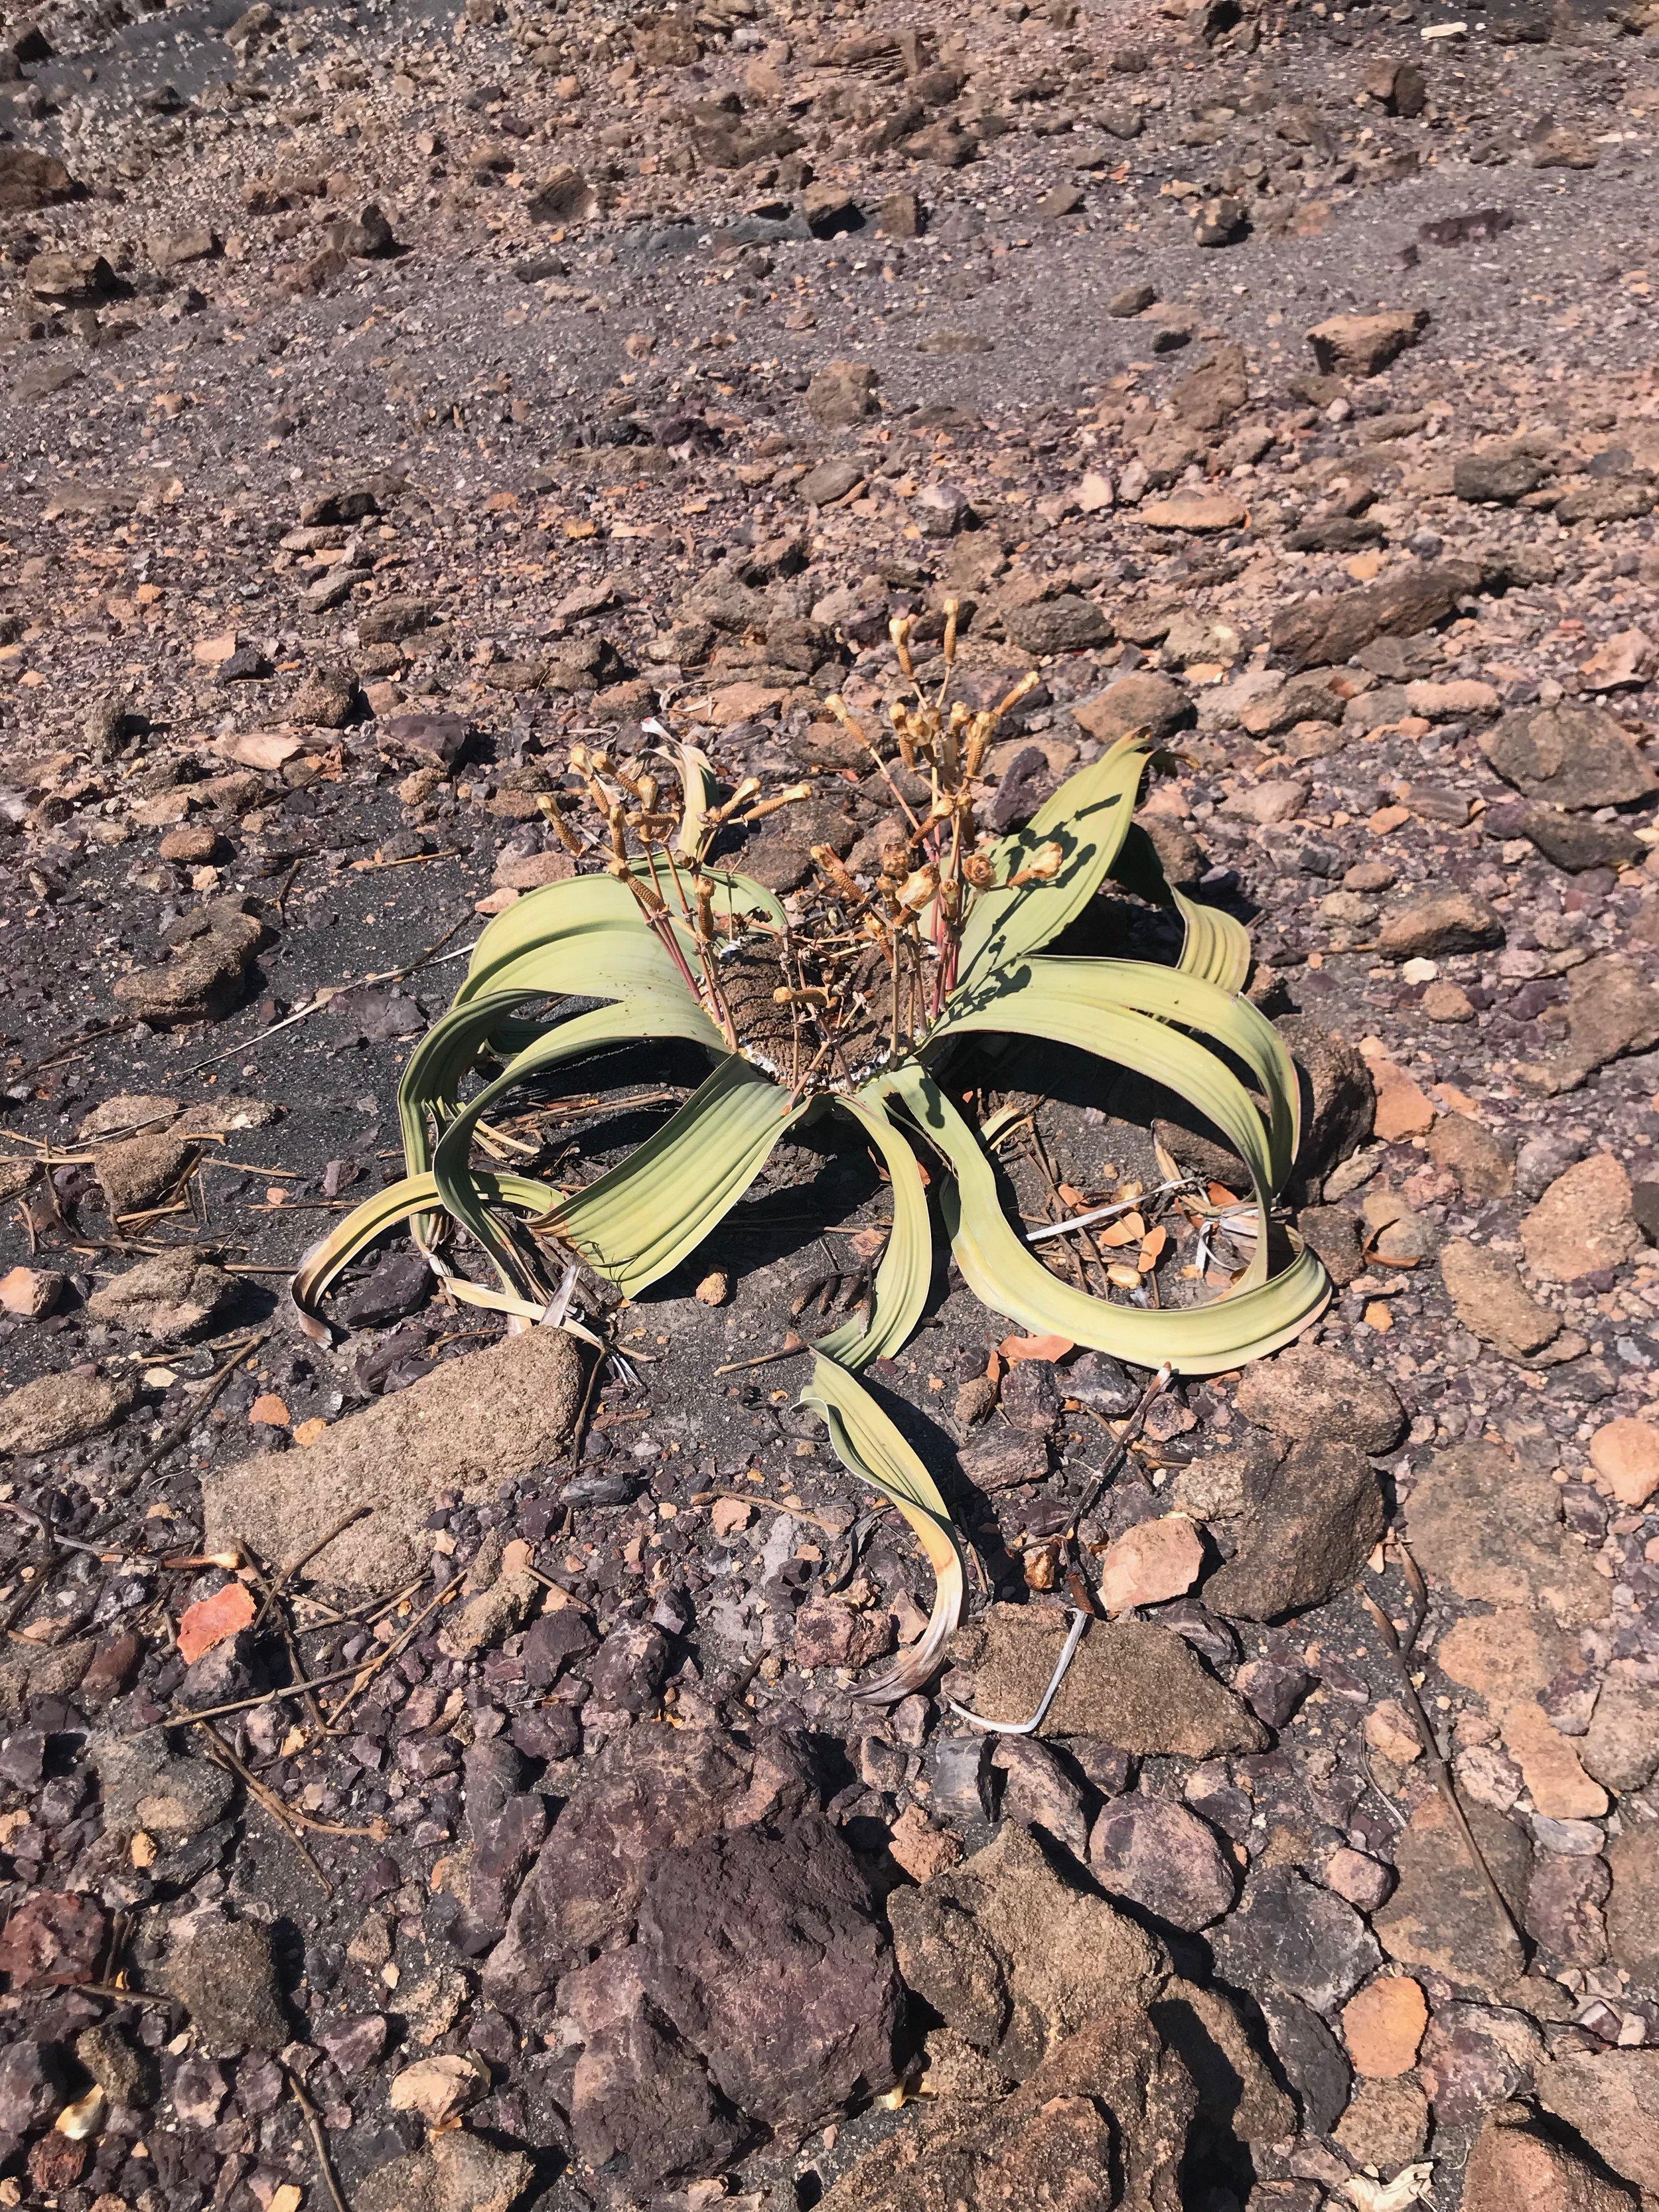 The elusive Welwitschia plant